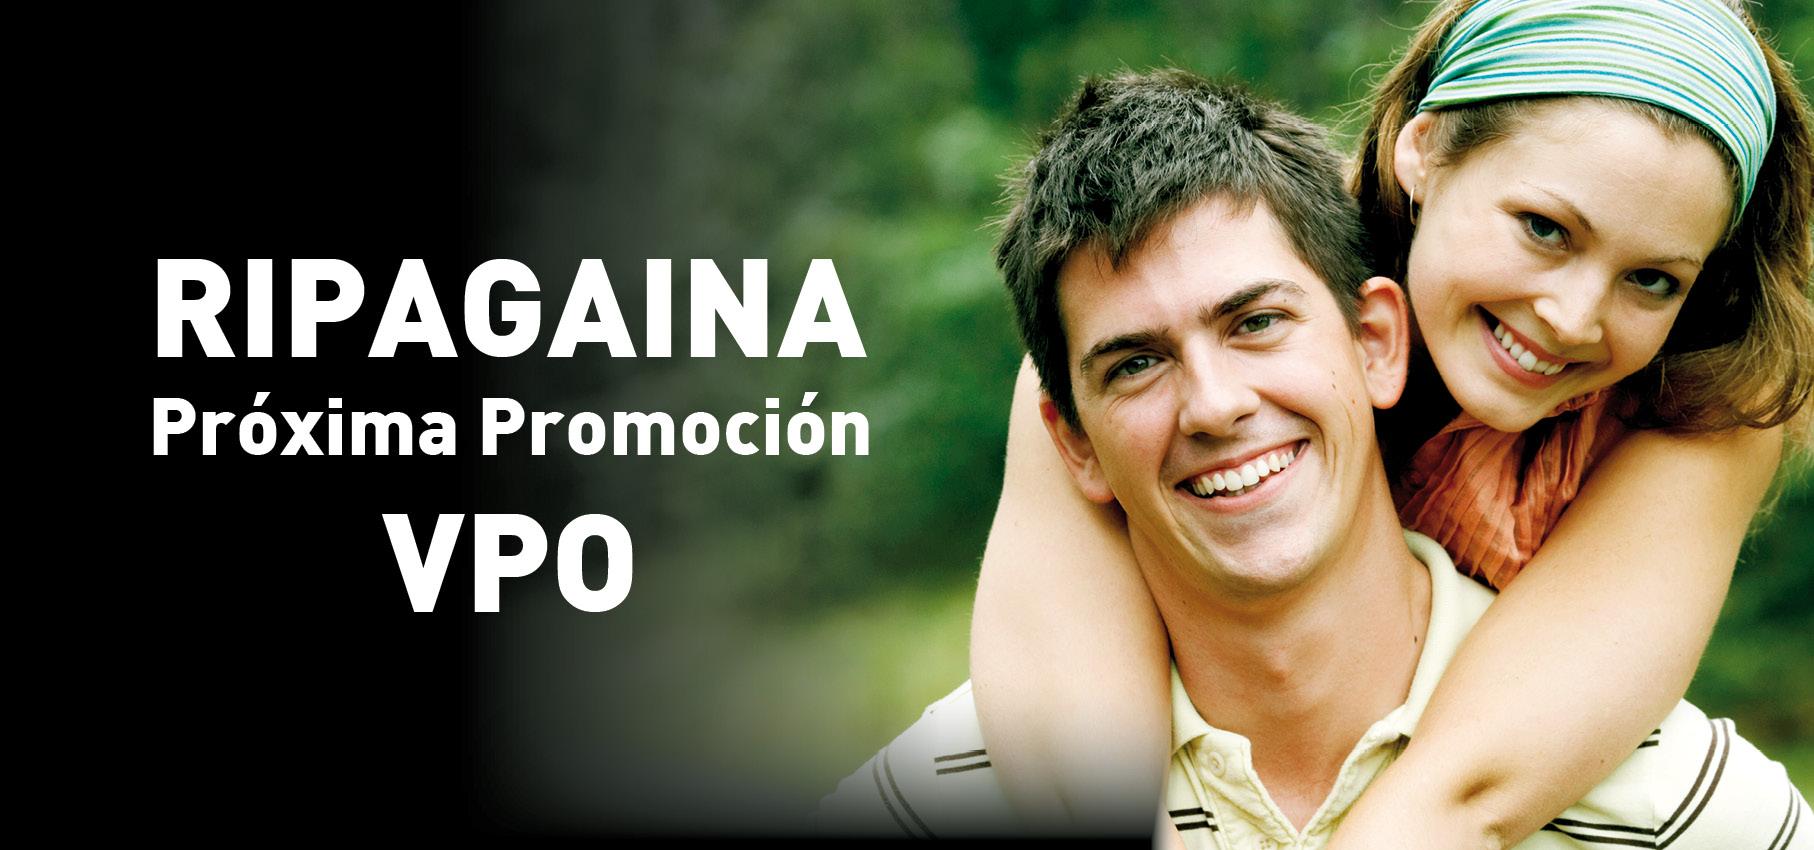 abaigar-blog-ripagaina5-vpo